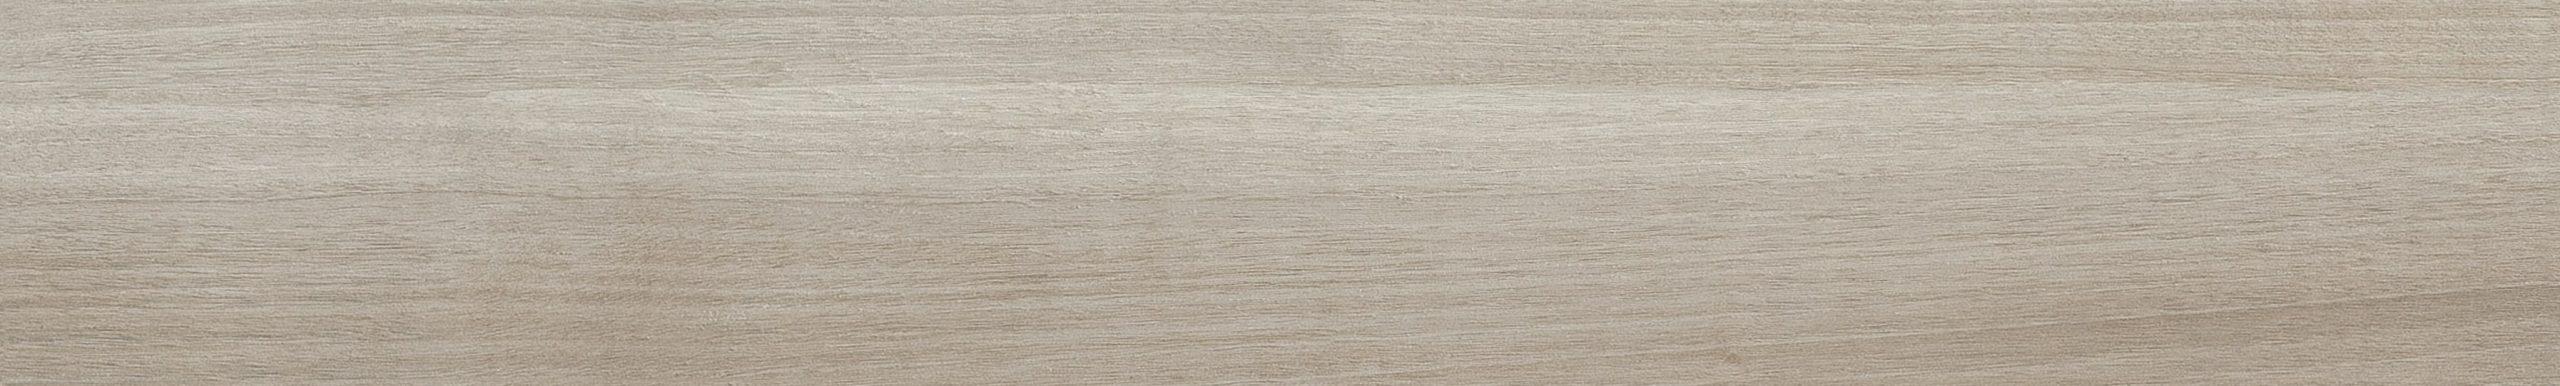 Wooden Tile / Wooden Gray Matte 10mm 26.5 x 180